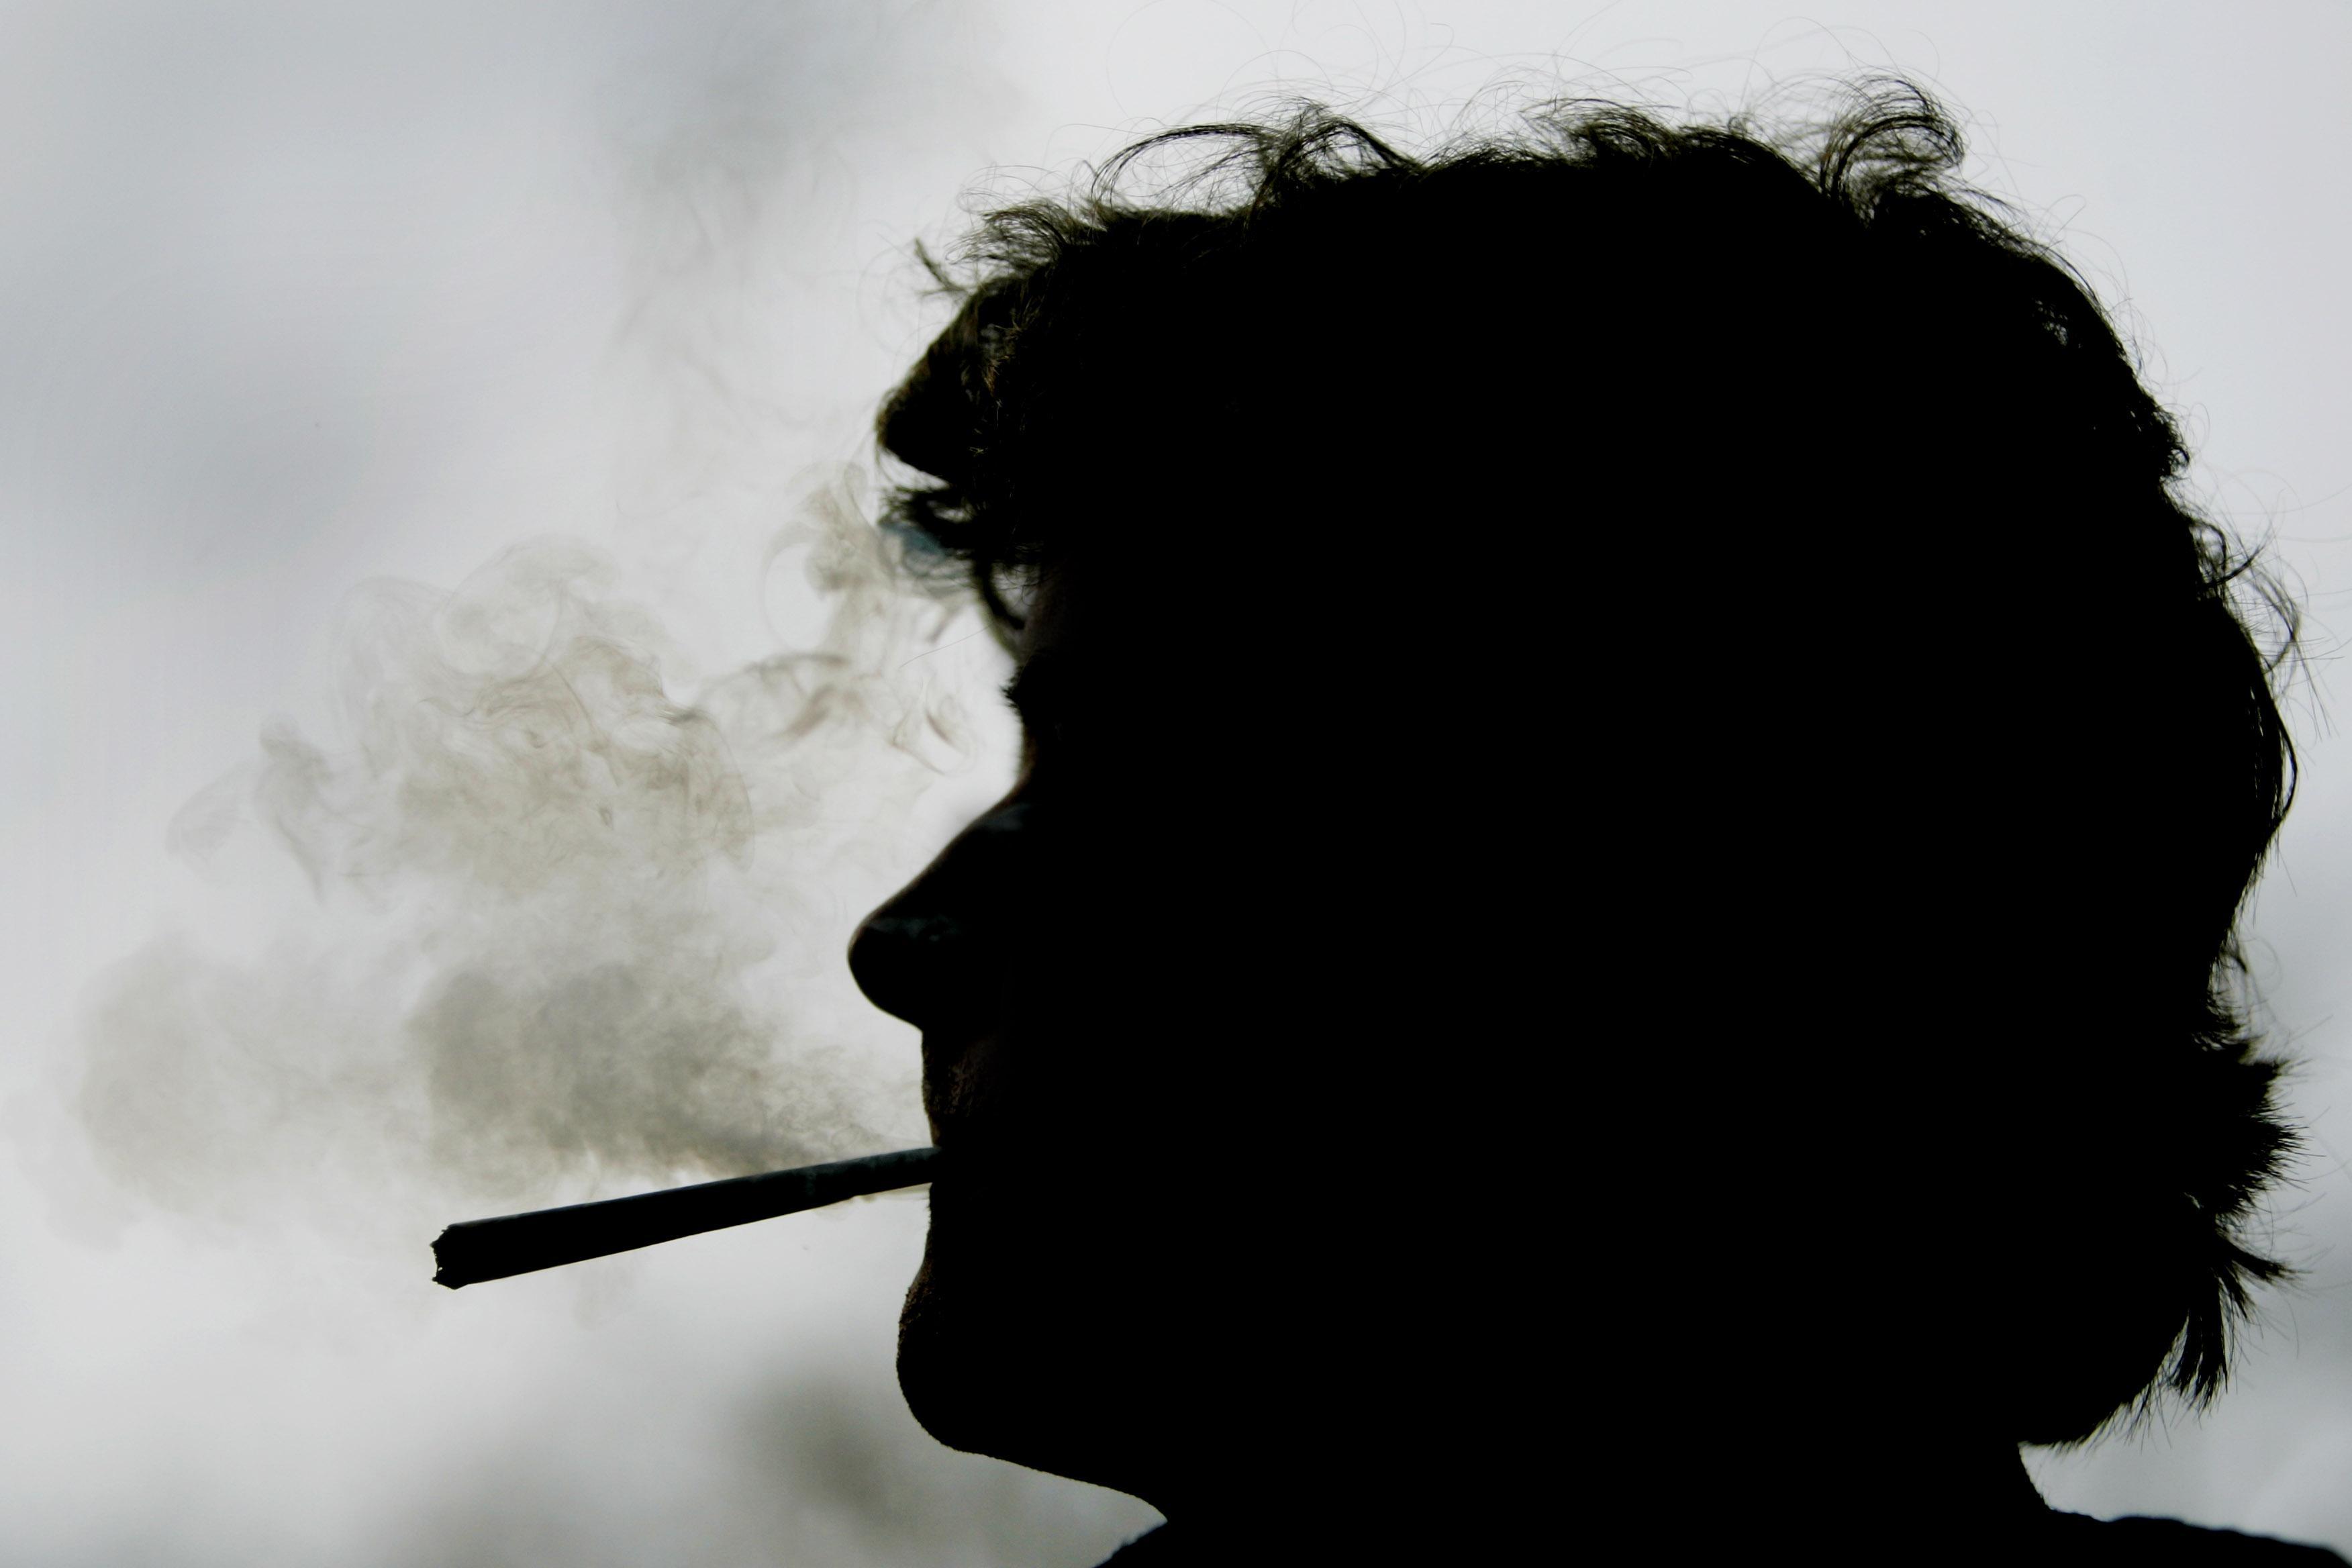 Gebruik harddrugs onder jeugd Kaag en Braassem, Lisse en Nieuwkoop toegenomen, elders in de regio een dalende trend